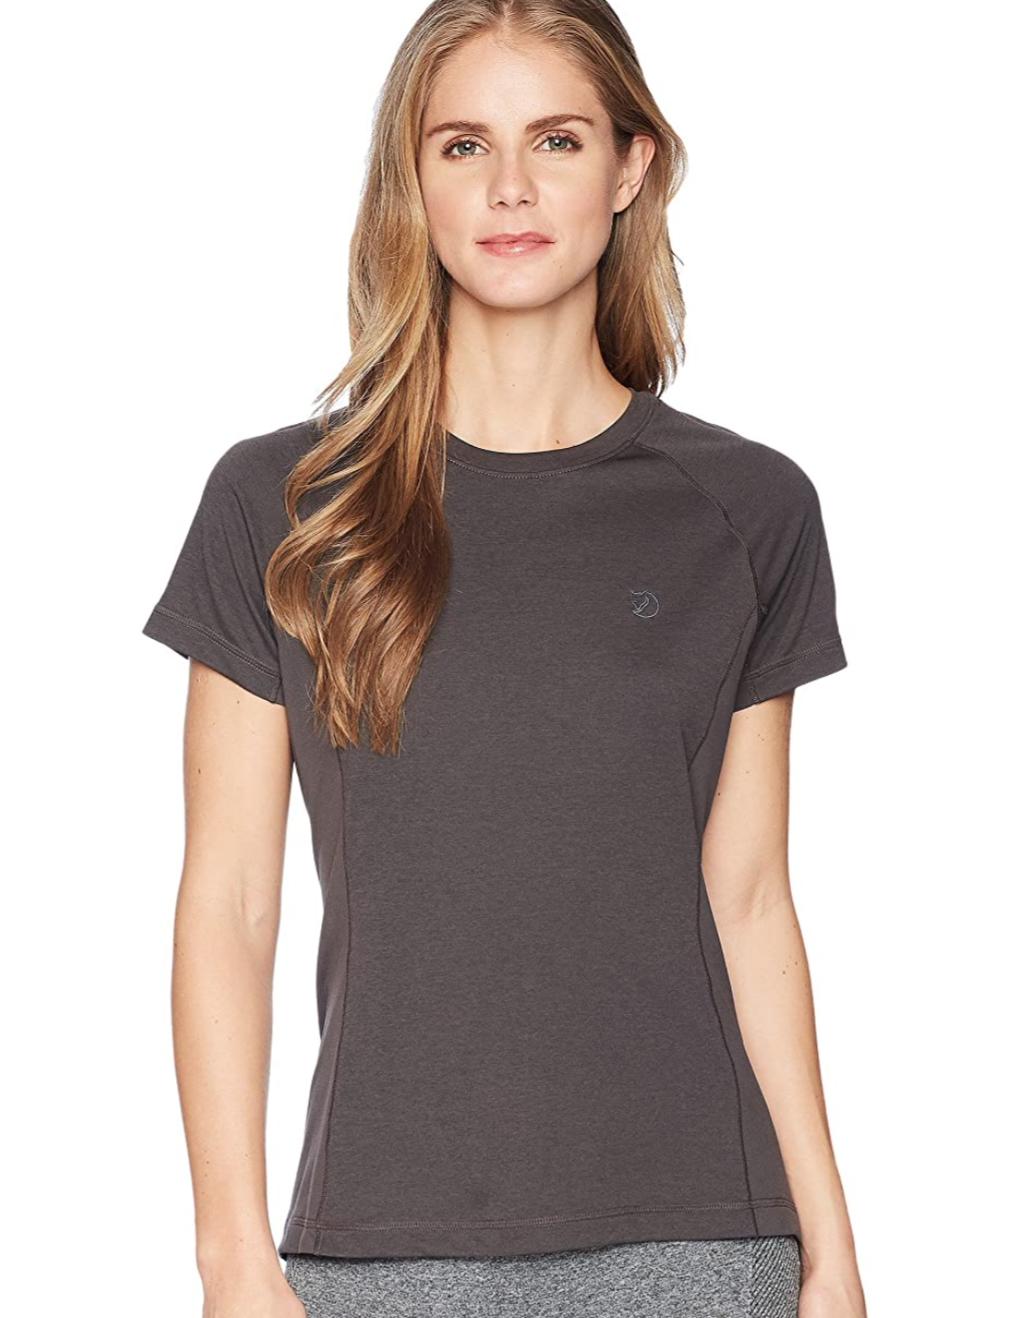 FJÄLLRÄVEN Women's Abisko Vent T-shirt